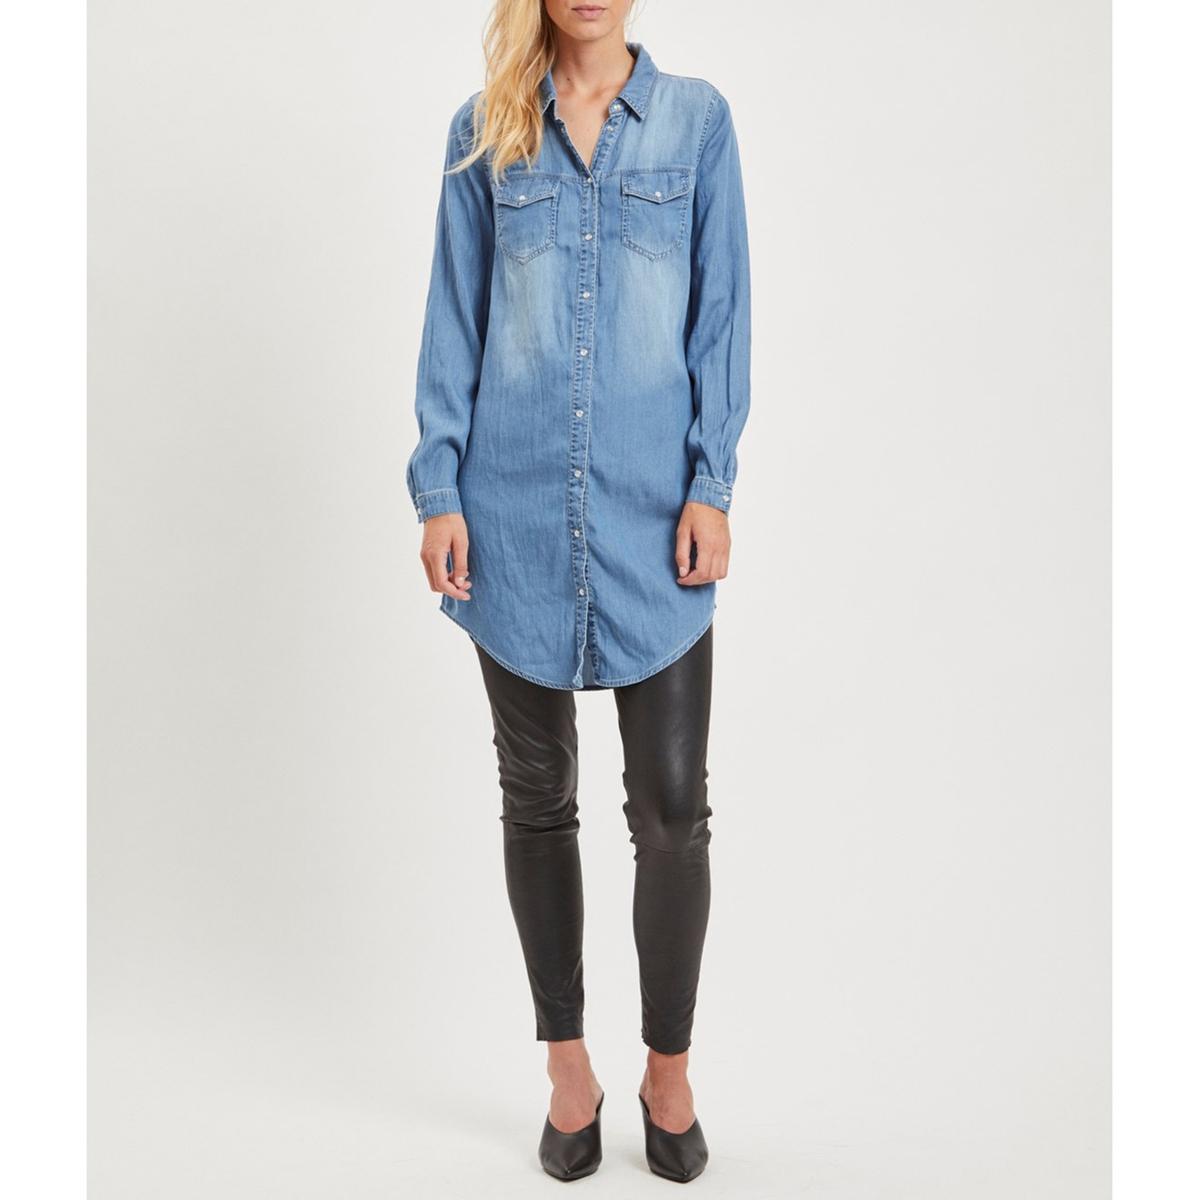 цена Платье-миди La Redoute Прямое с длинными рукавами XS синий в интернет-магазинах